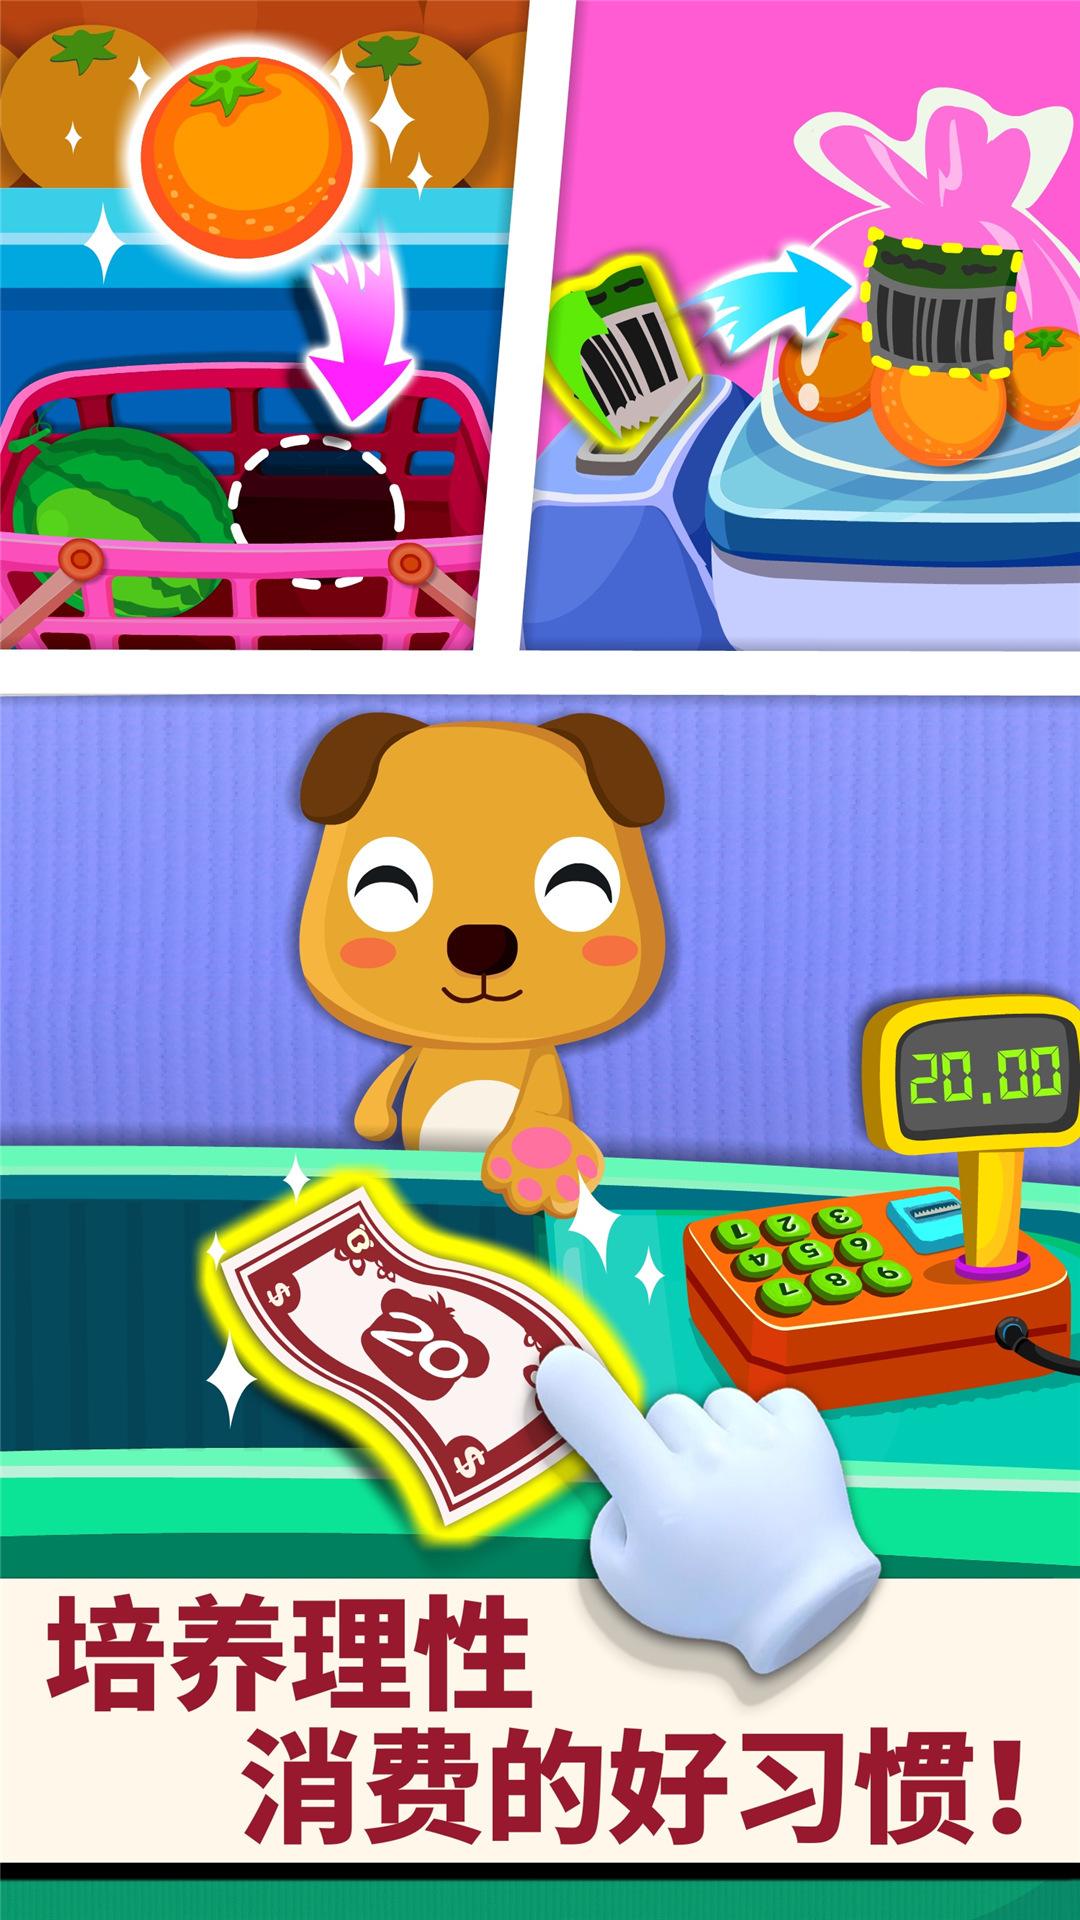 宝宝超市软件截图2